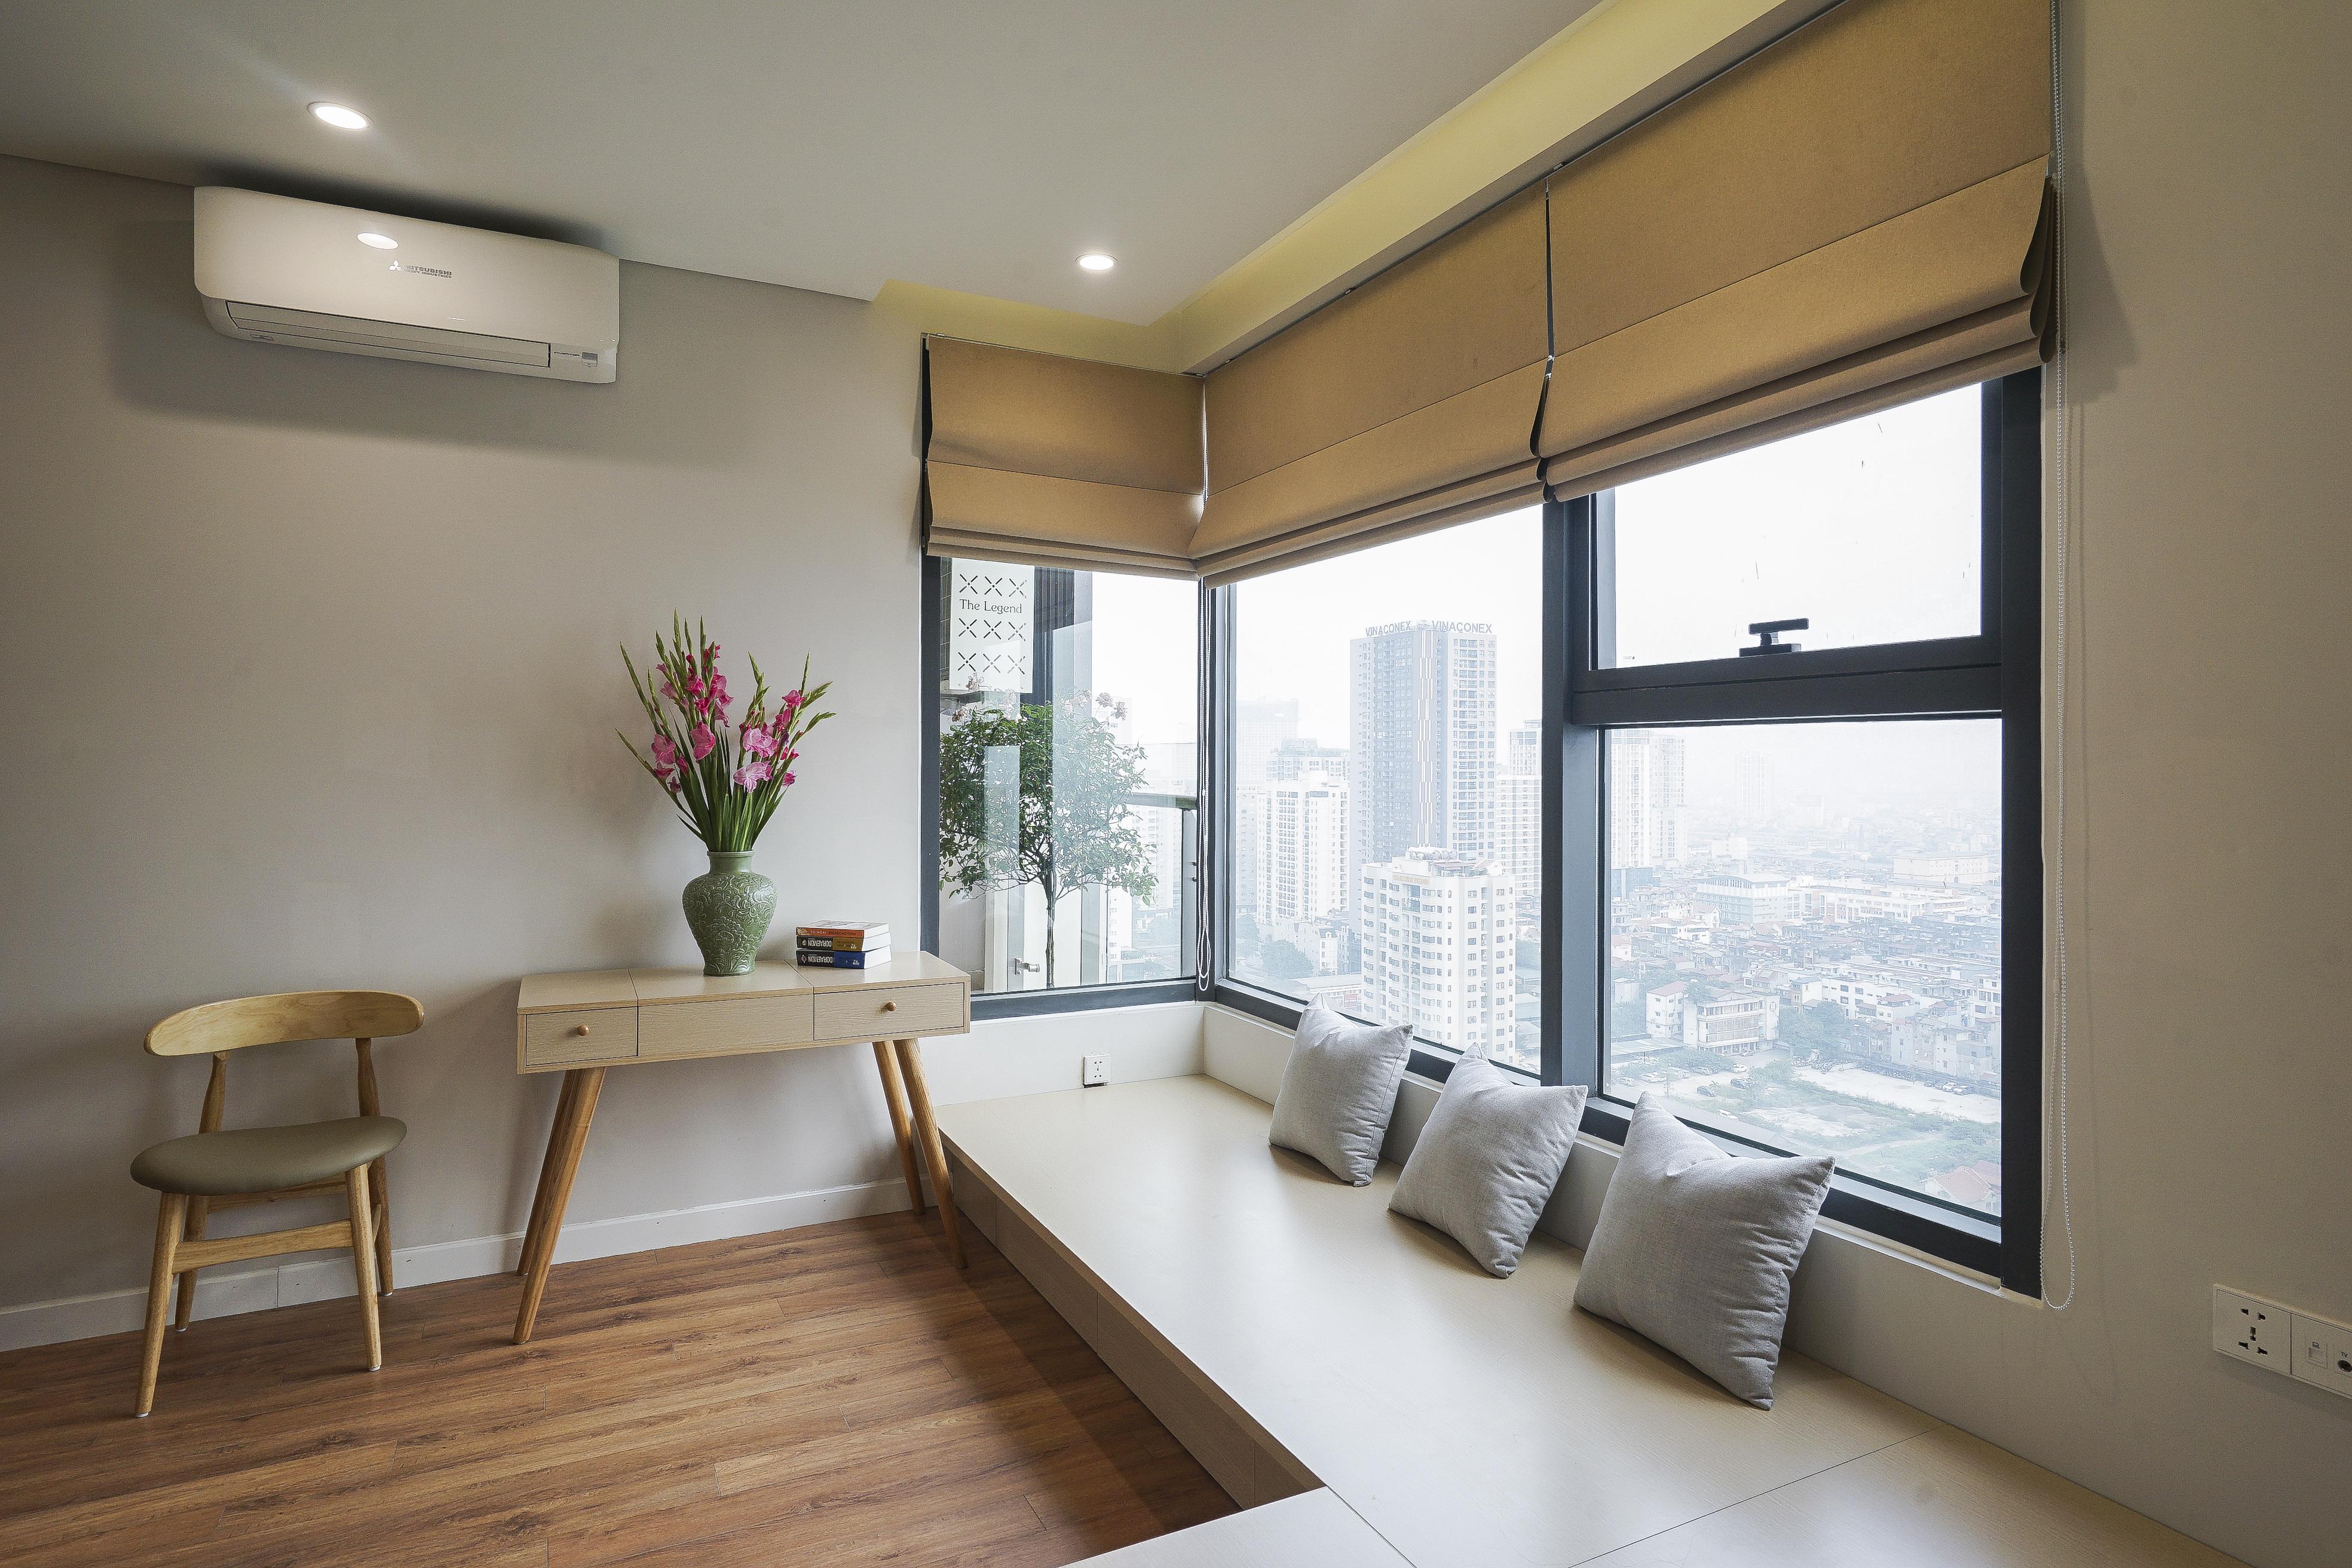 Thiết kế nội thất Chung Cư tại Hà Nội THE LEGEND -APARTMENT 1588604230 0